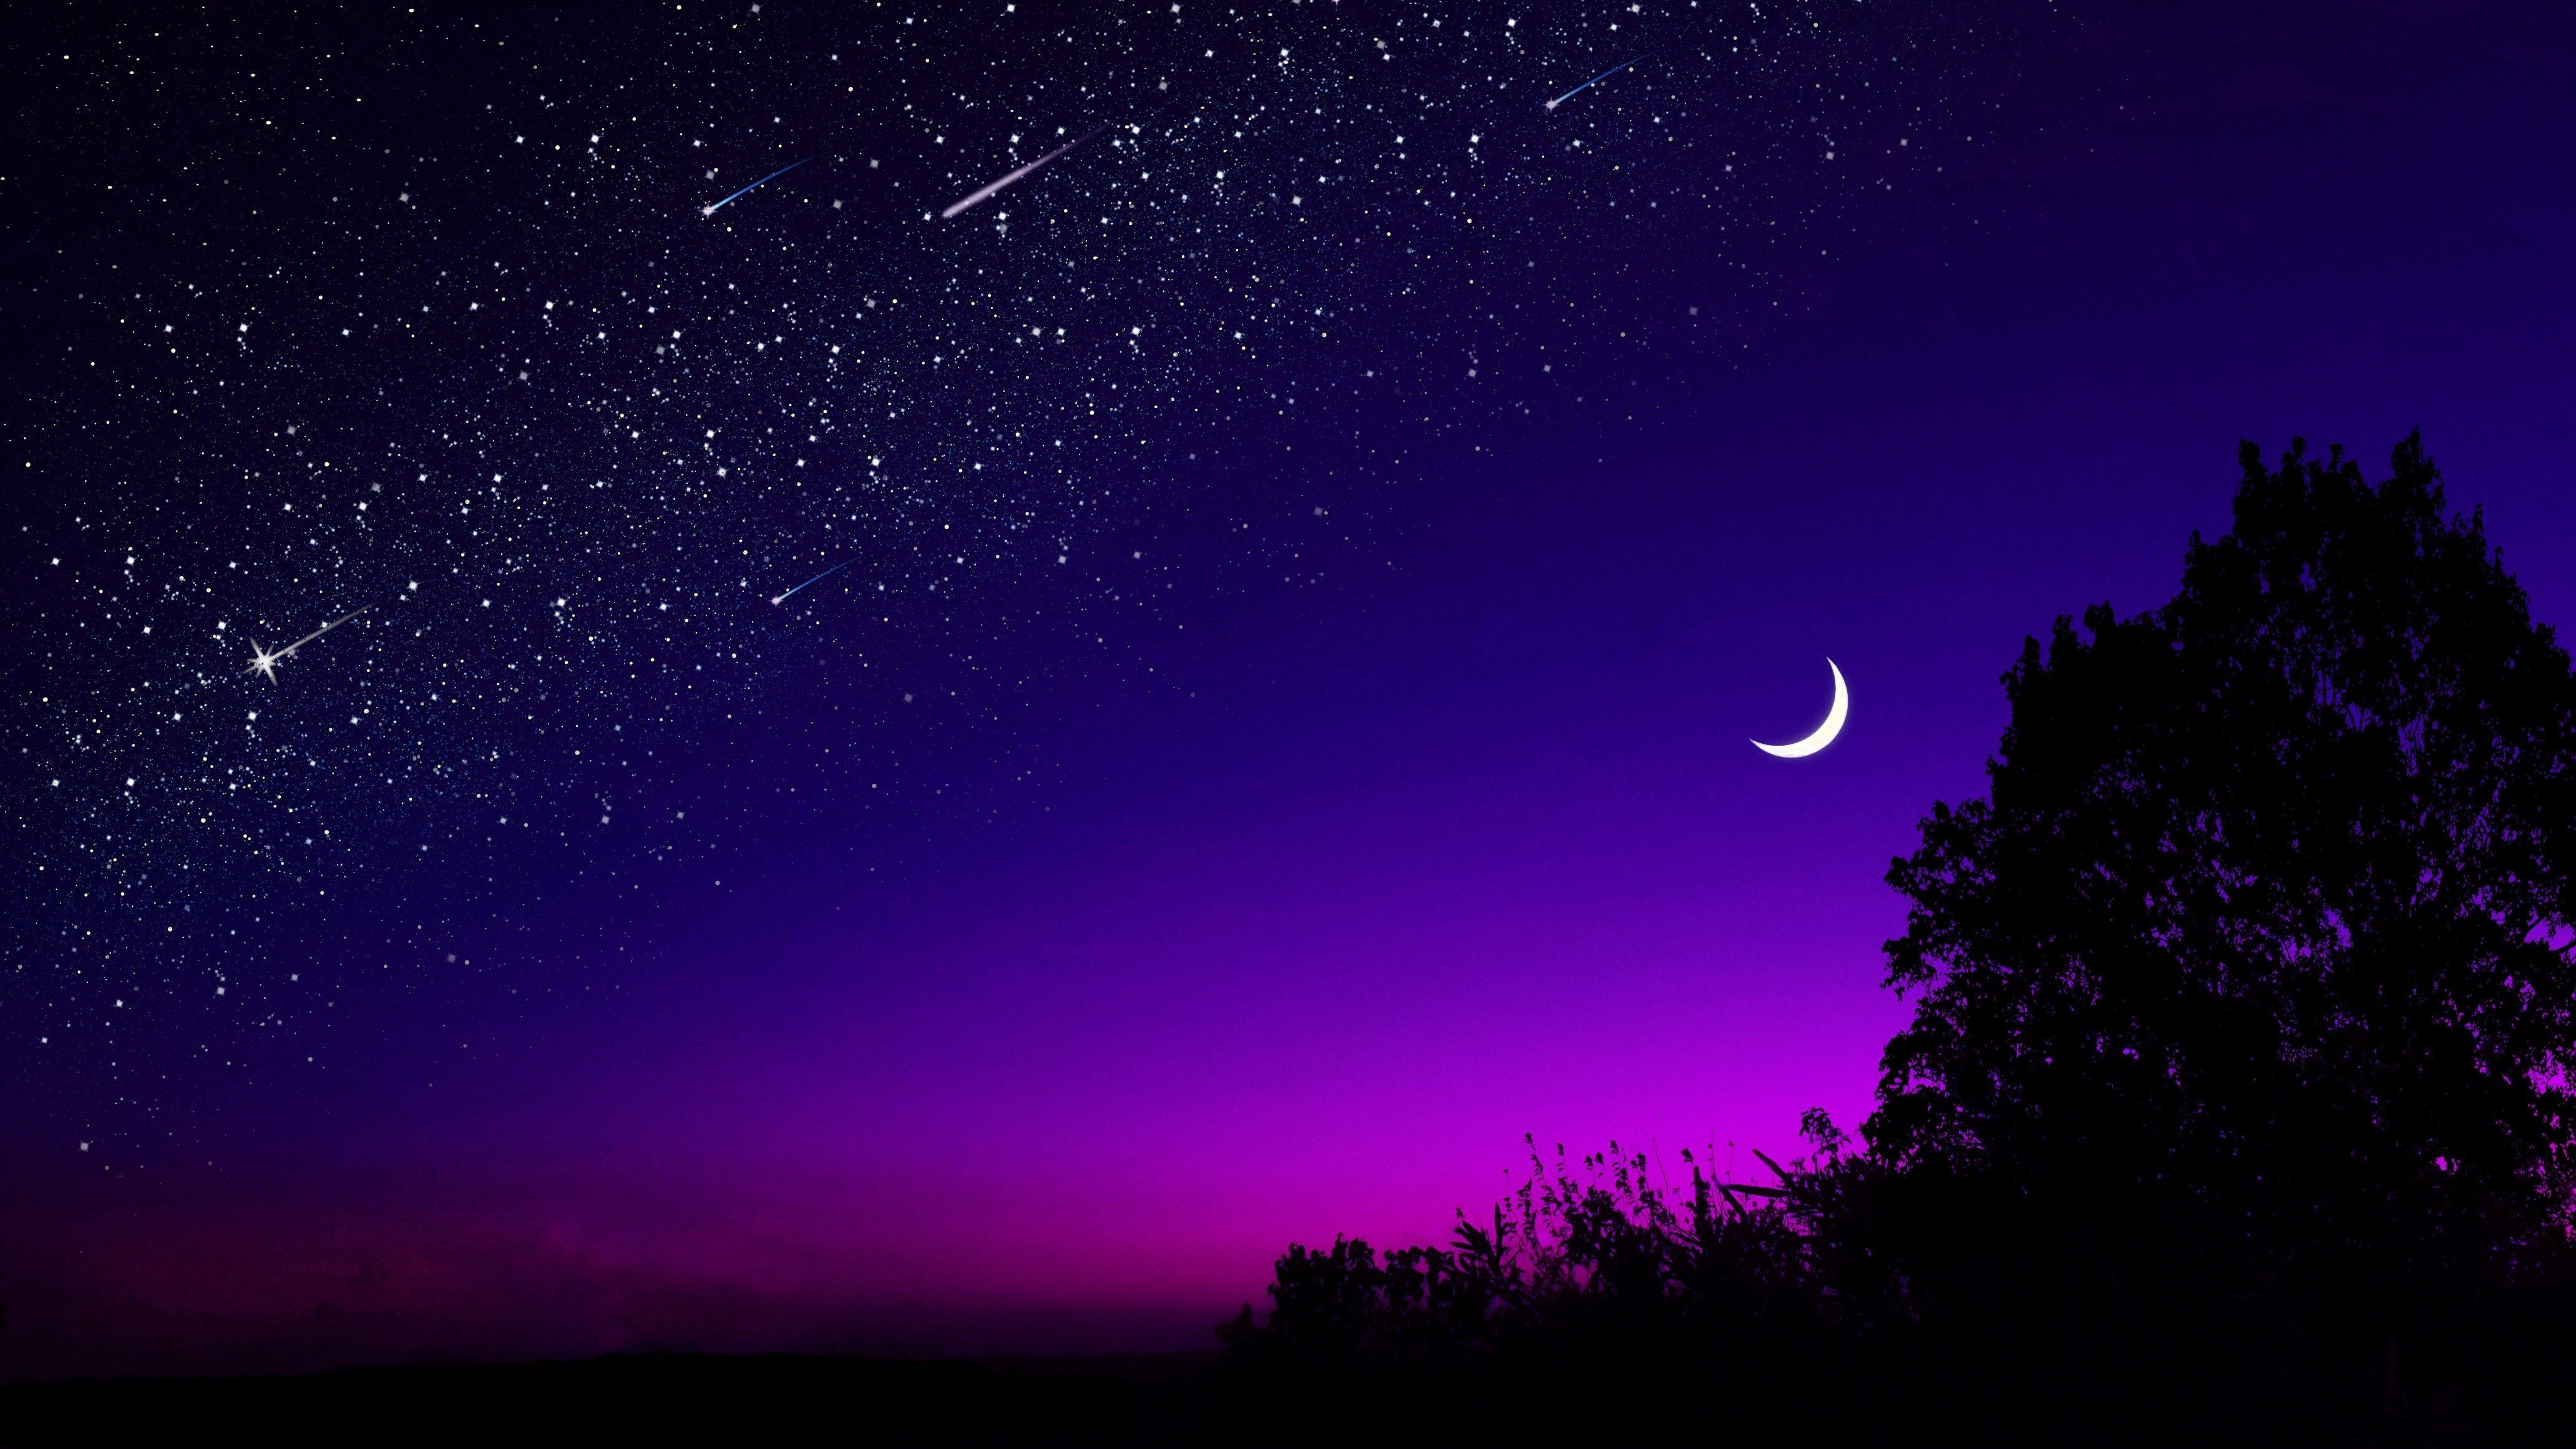 Картинка: Ночь, звёзды, луна, месяц, свет, закат, силуэт, дерево, горизонт, небо